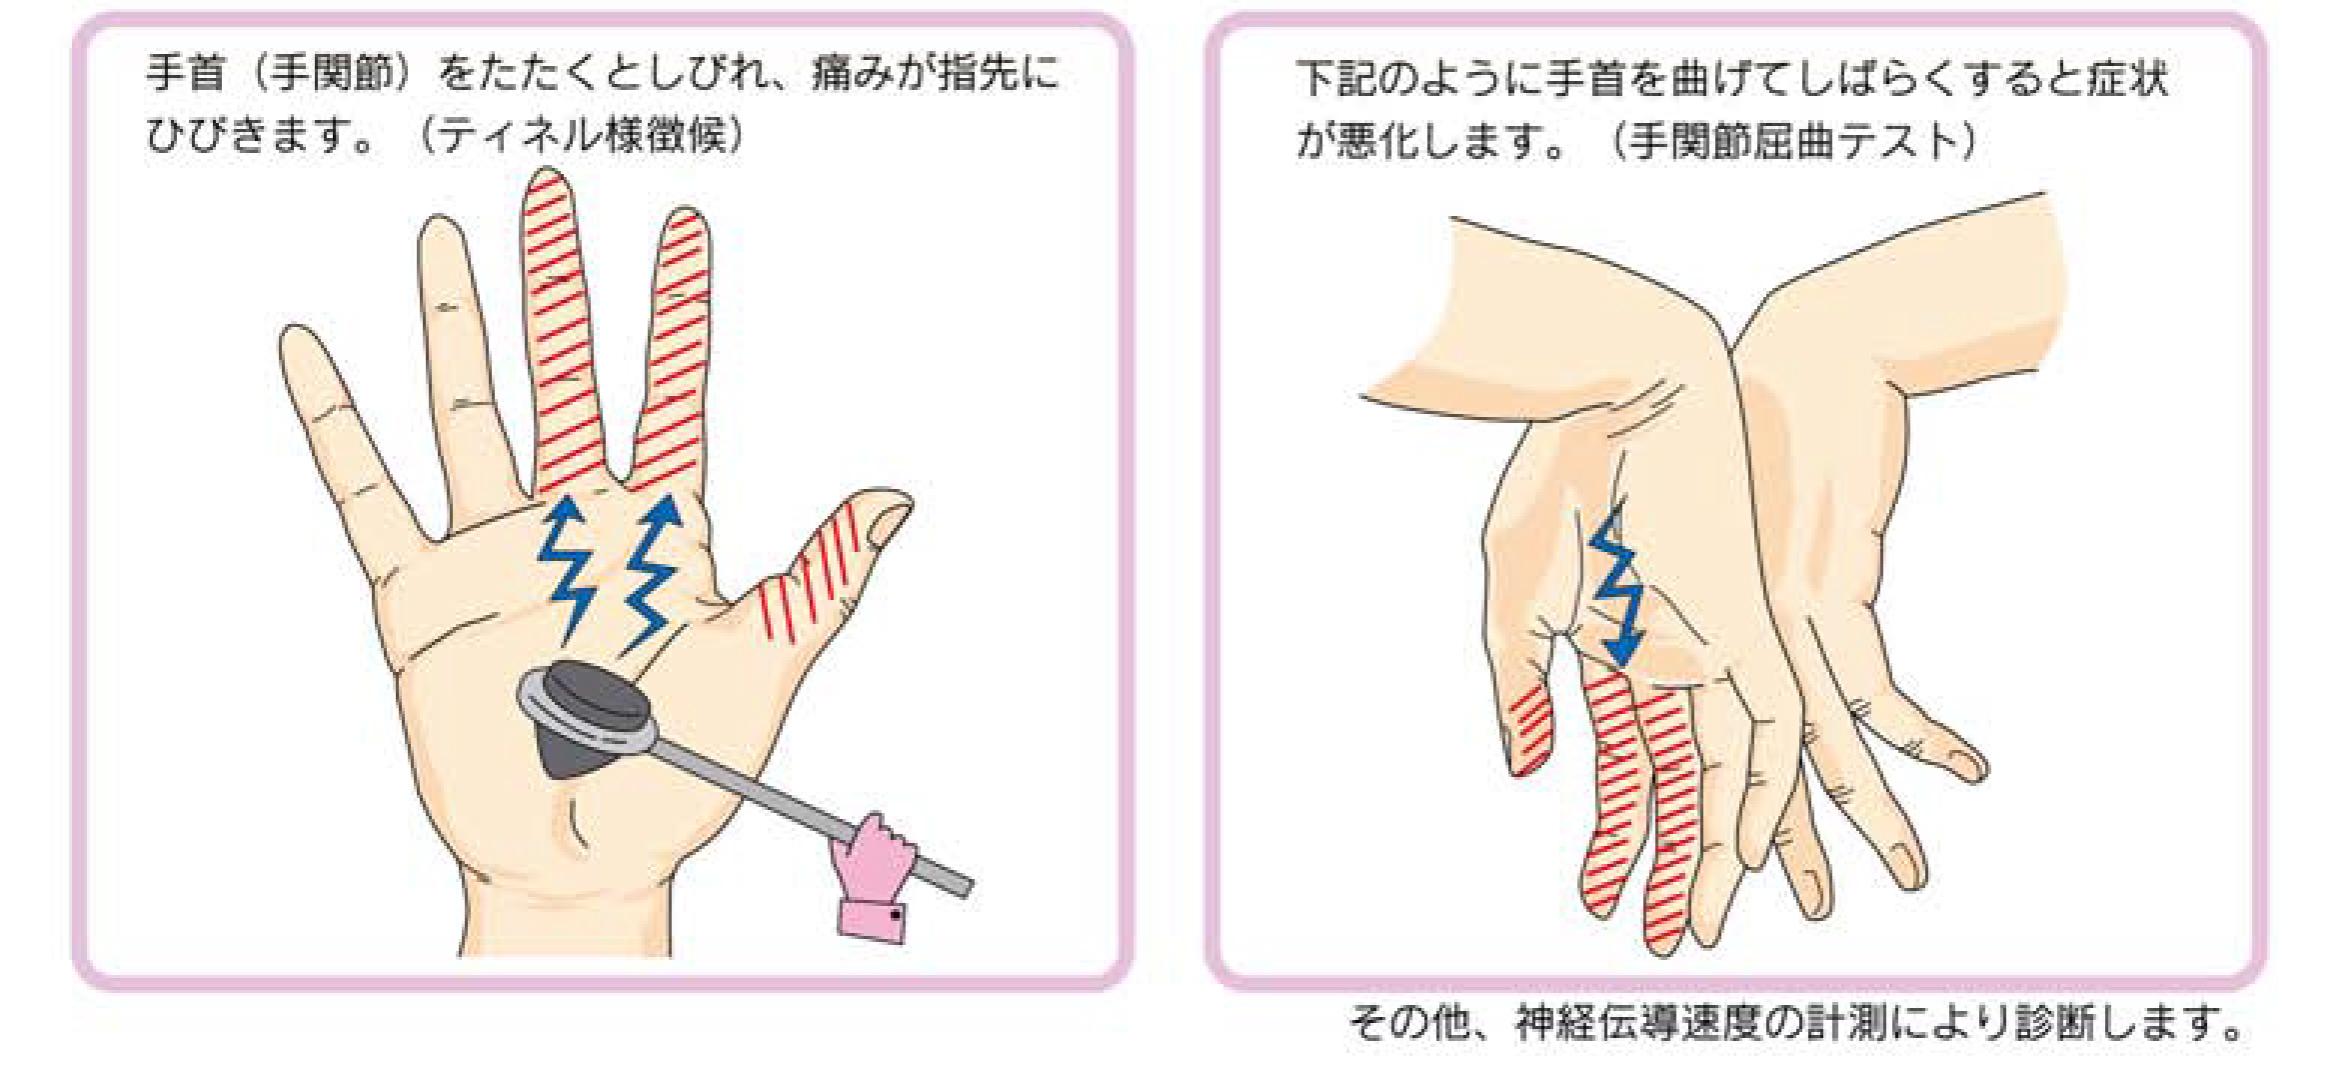 手 根 管 症候群 手根管症候群の症状・原因・治療方法